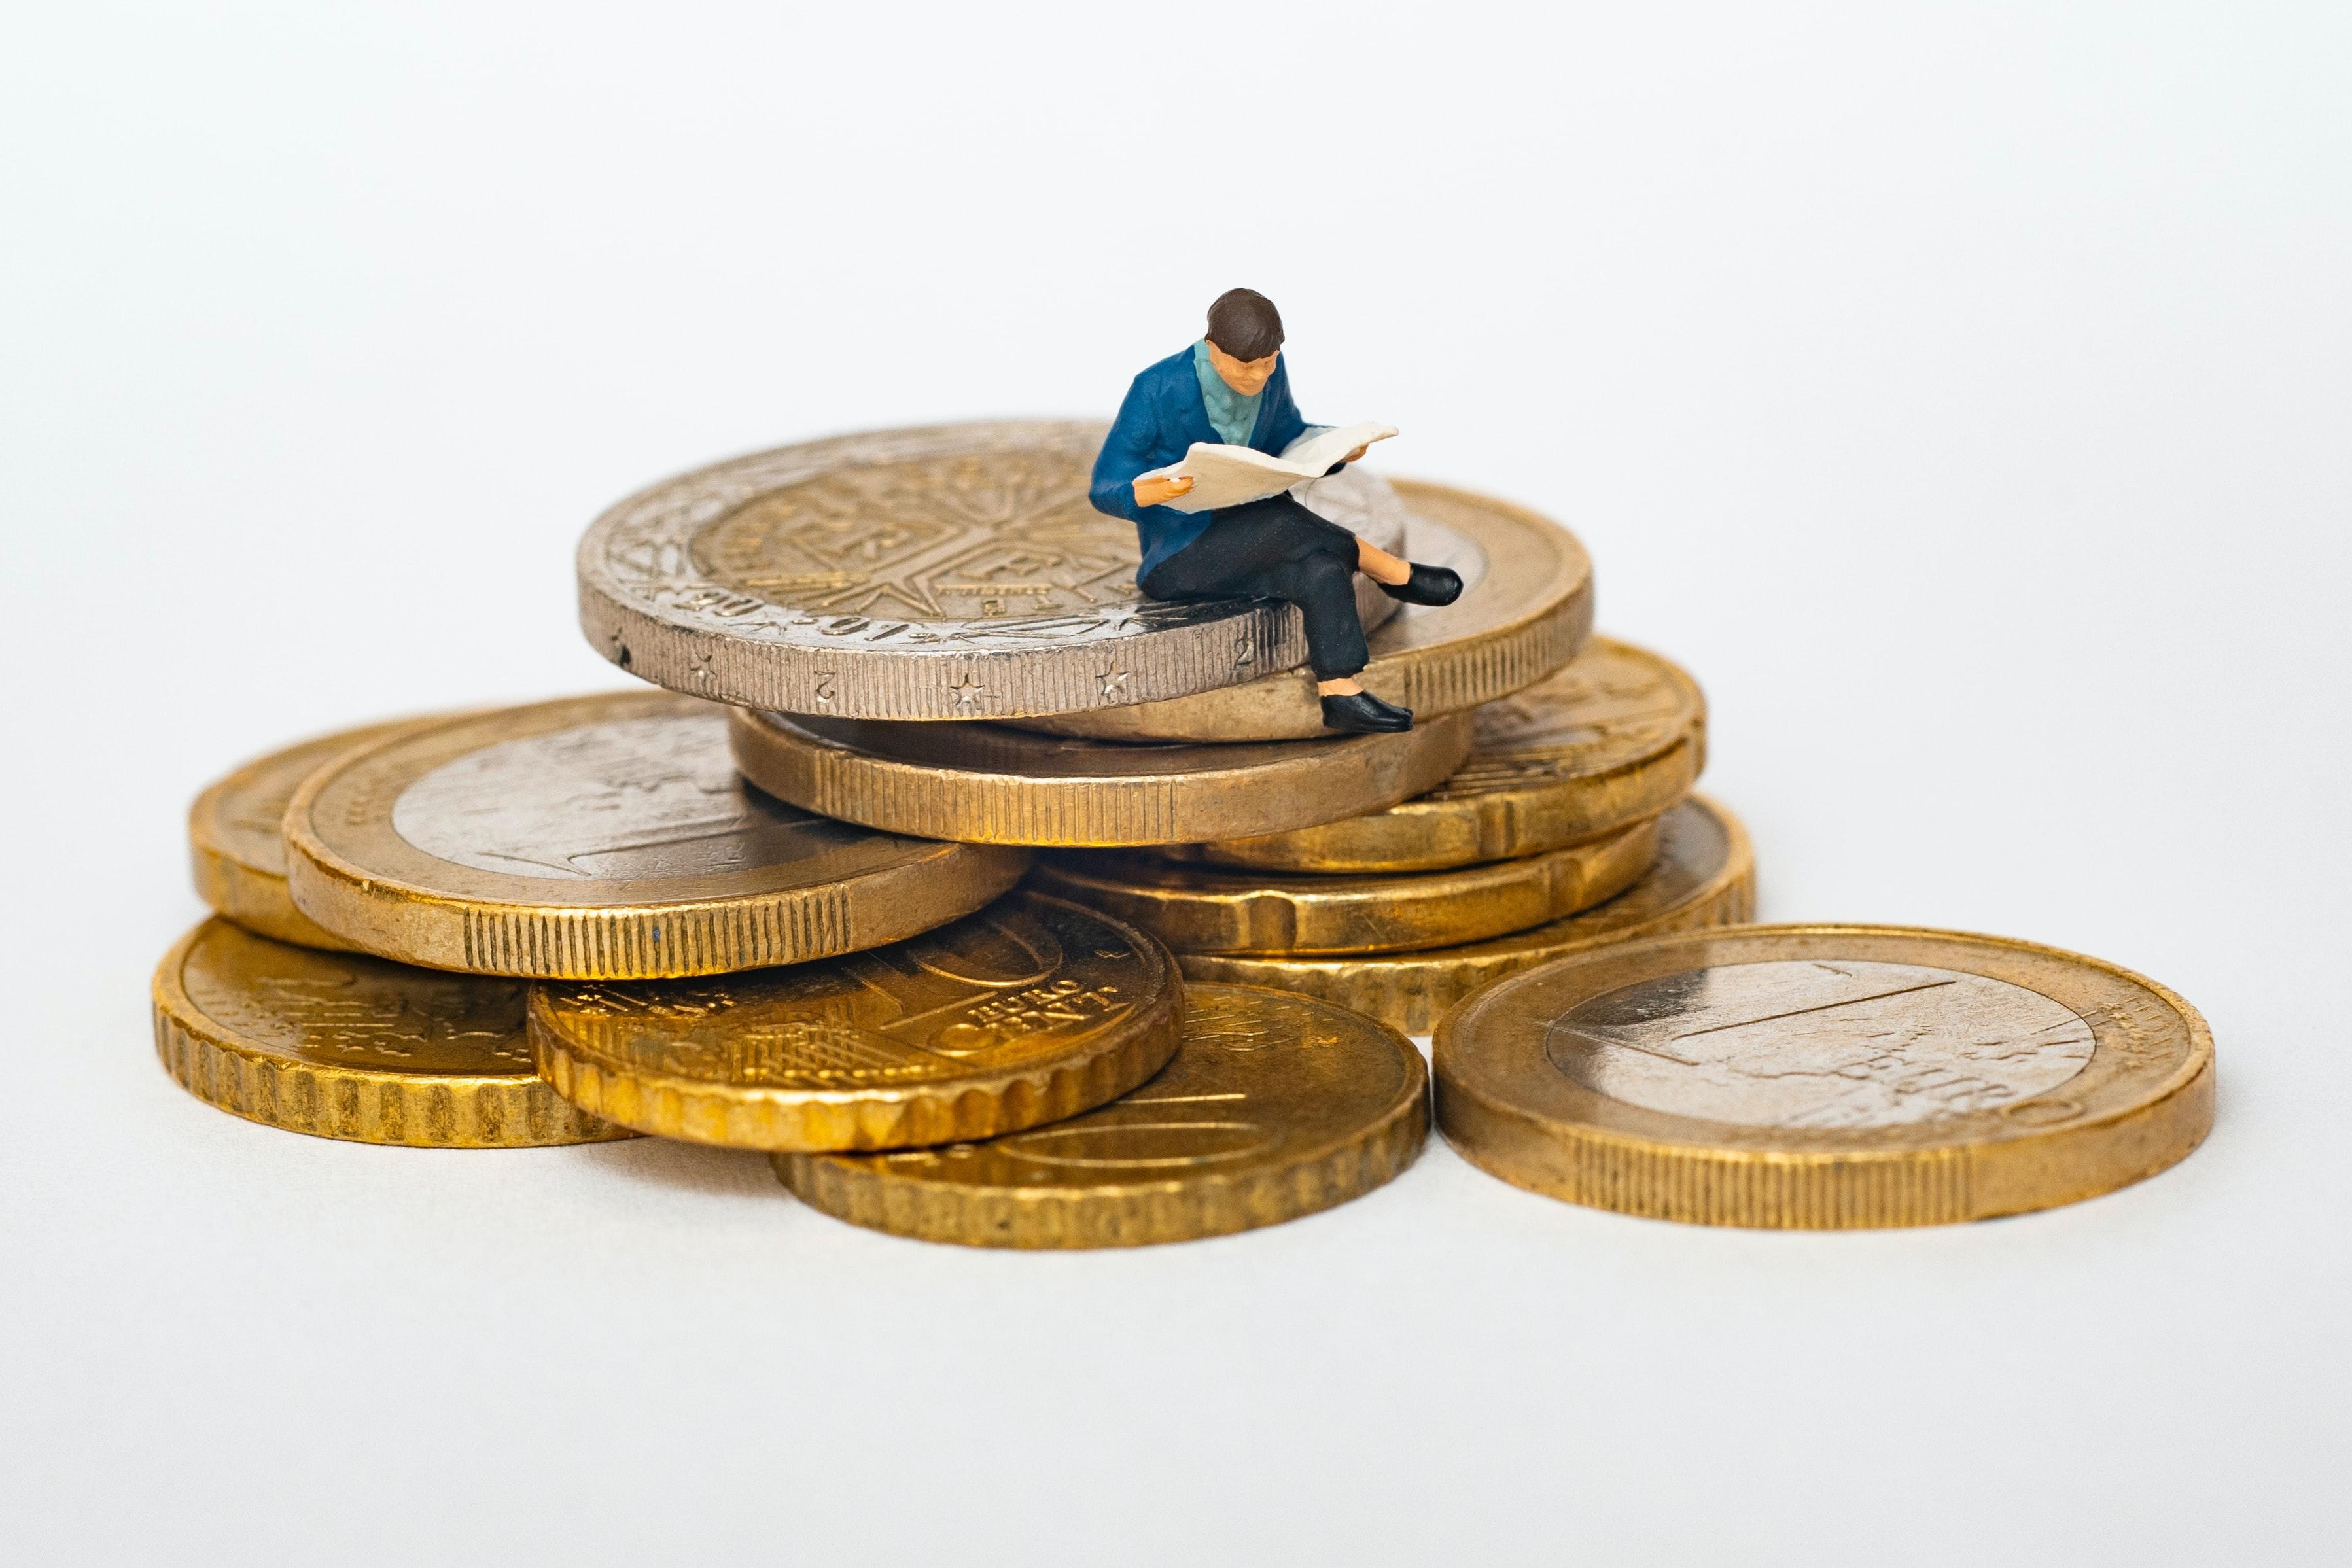 Eine kleine Figur sitzt auf einem Haufen von Münzen und liest die Zeitung. Die Münzen sind im Vergleich zur Figur sehr groß.